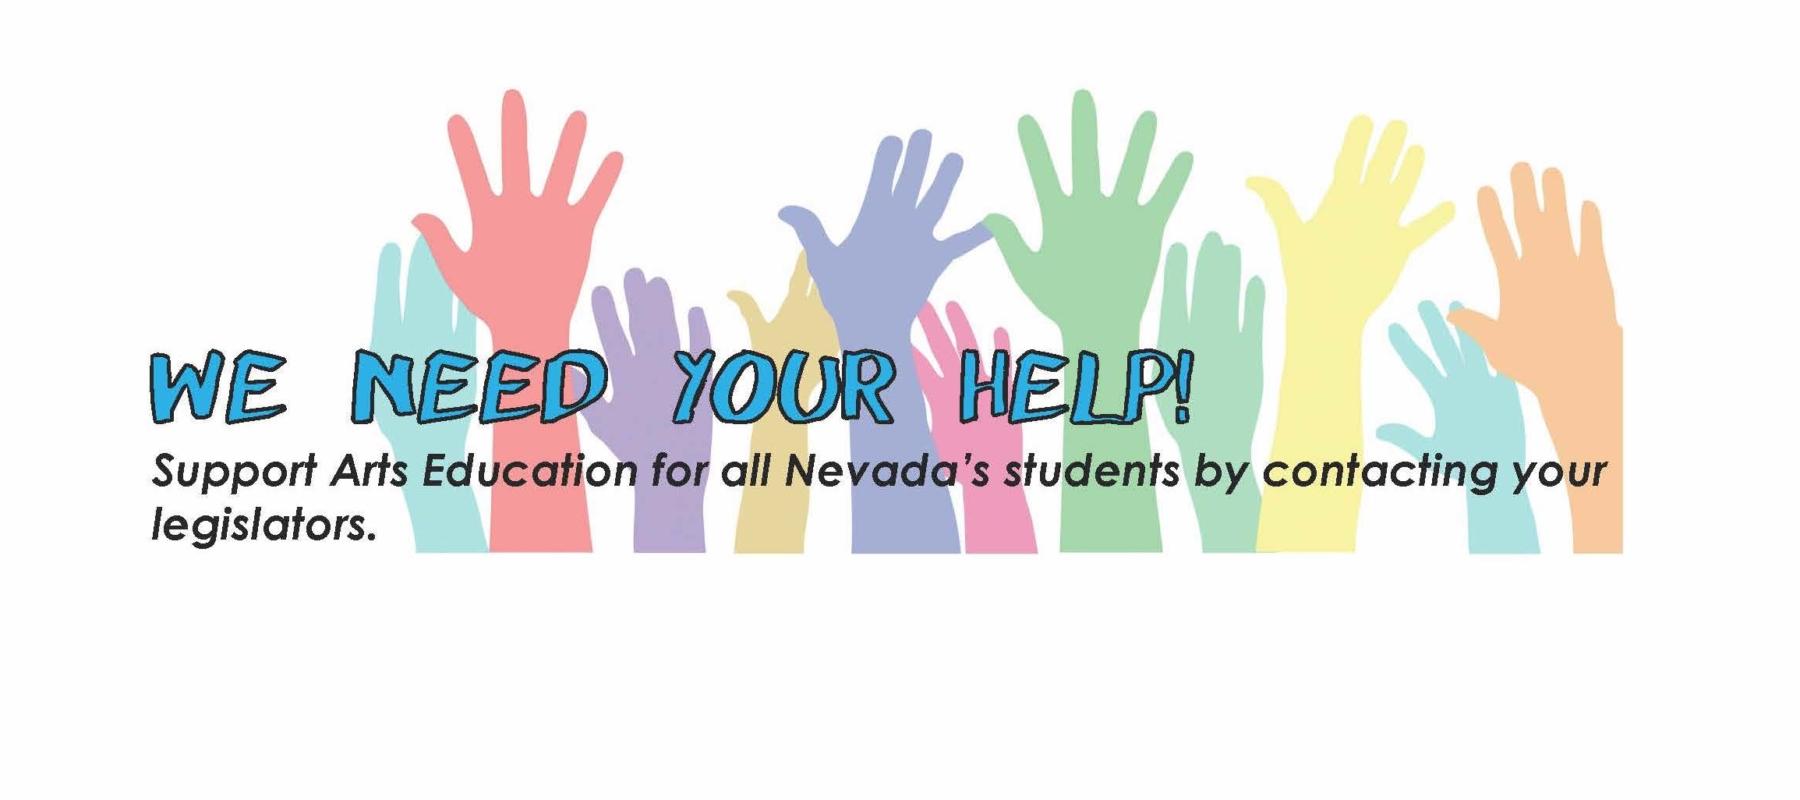 We need your help